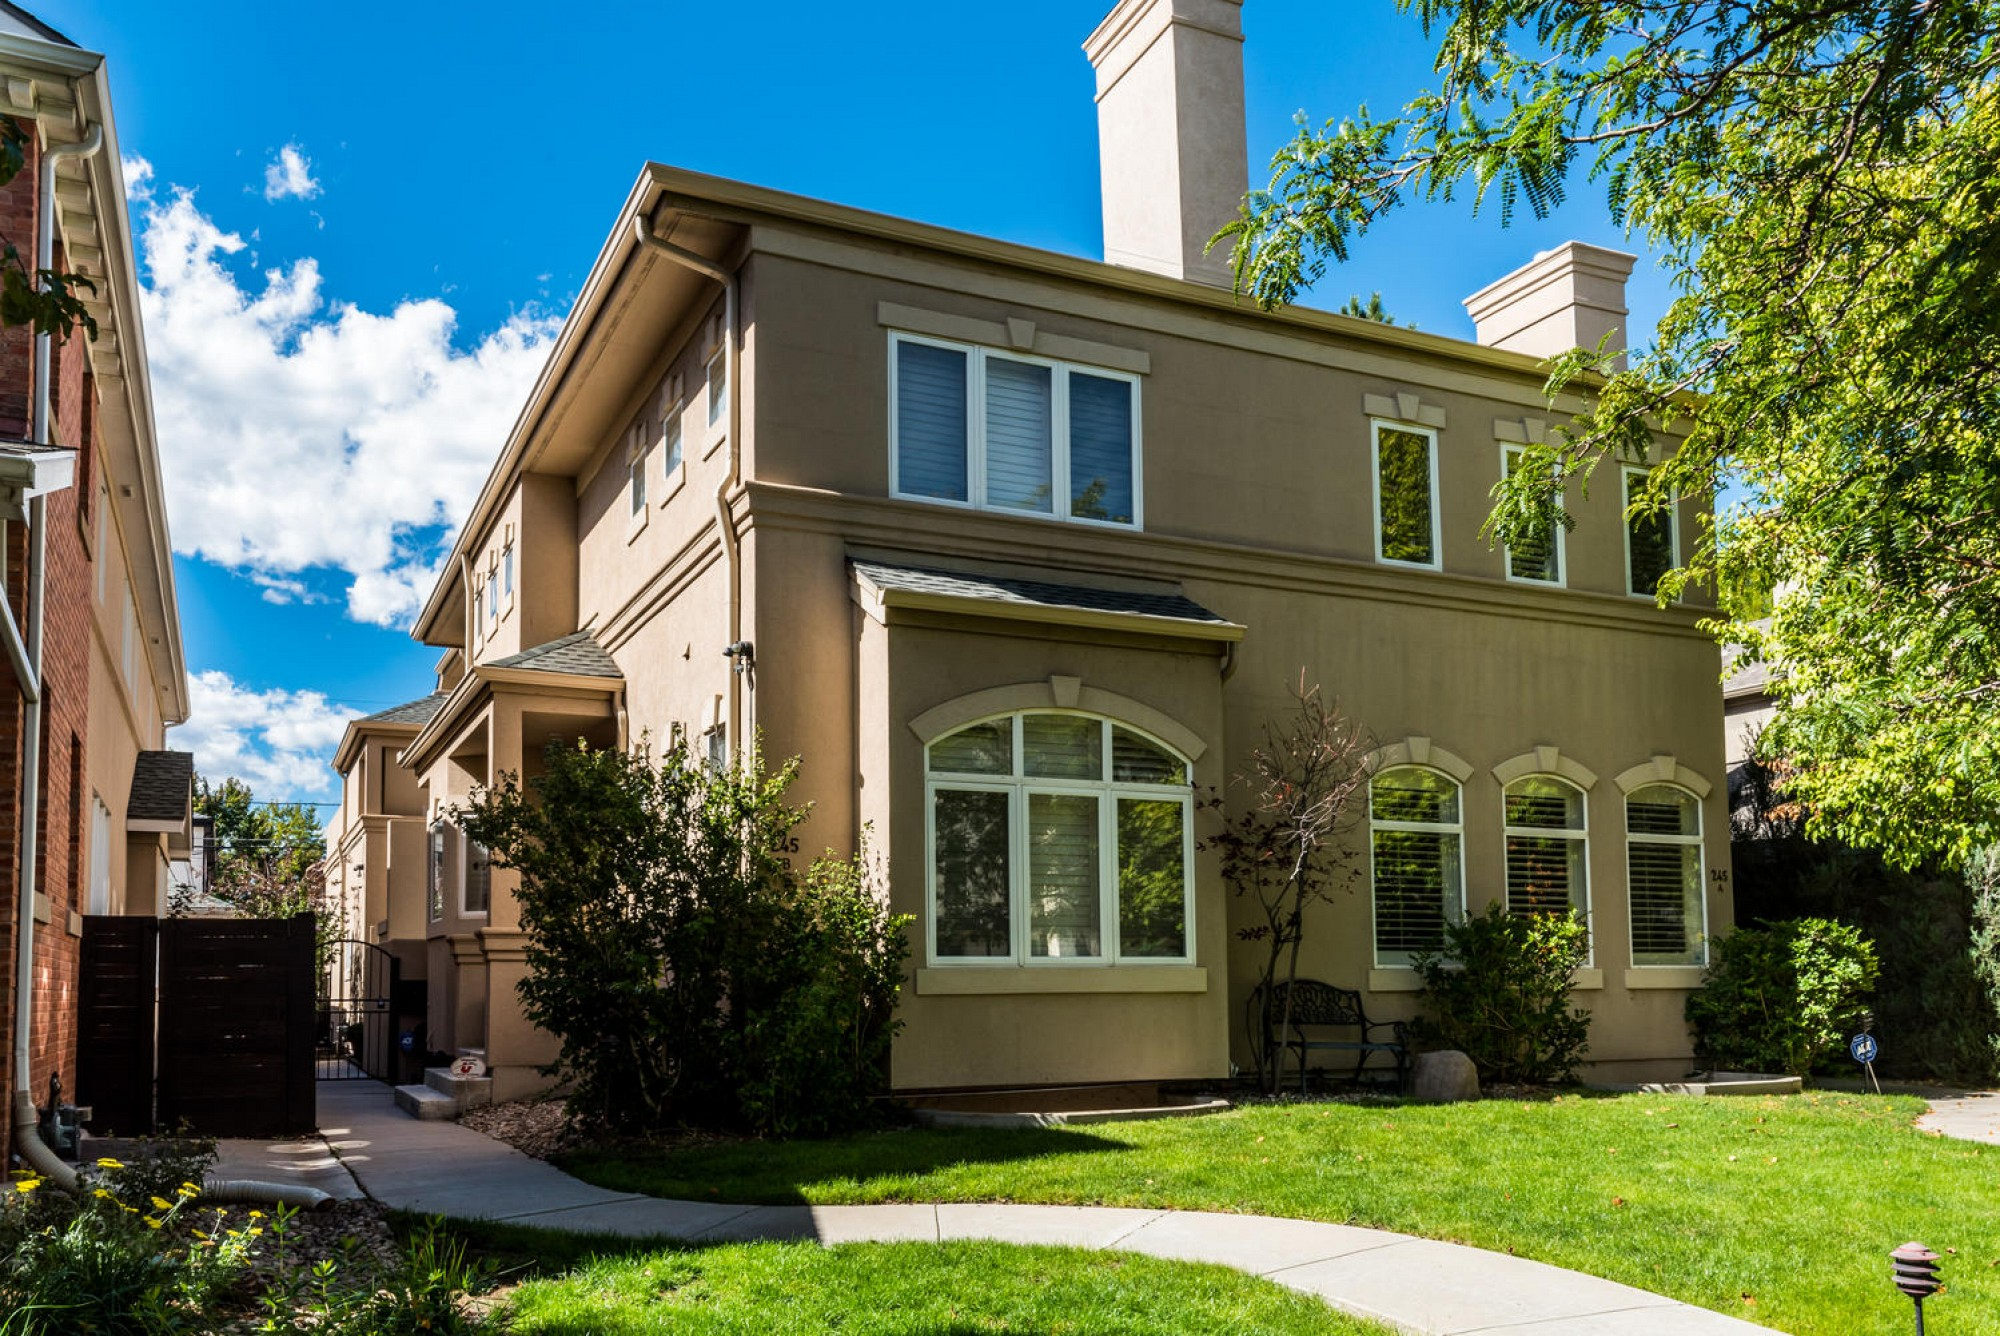 245 S. Jackson Street #C, Denver, CO 80209